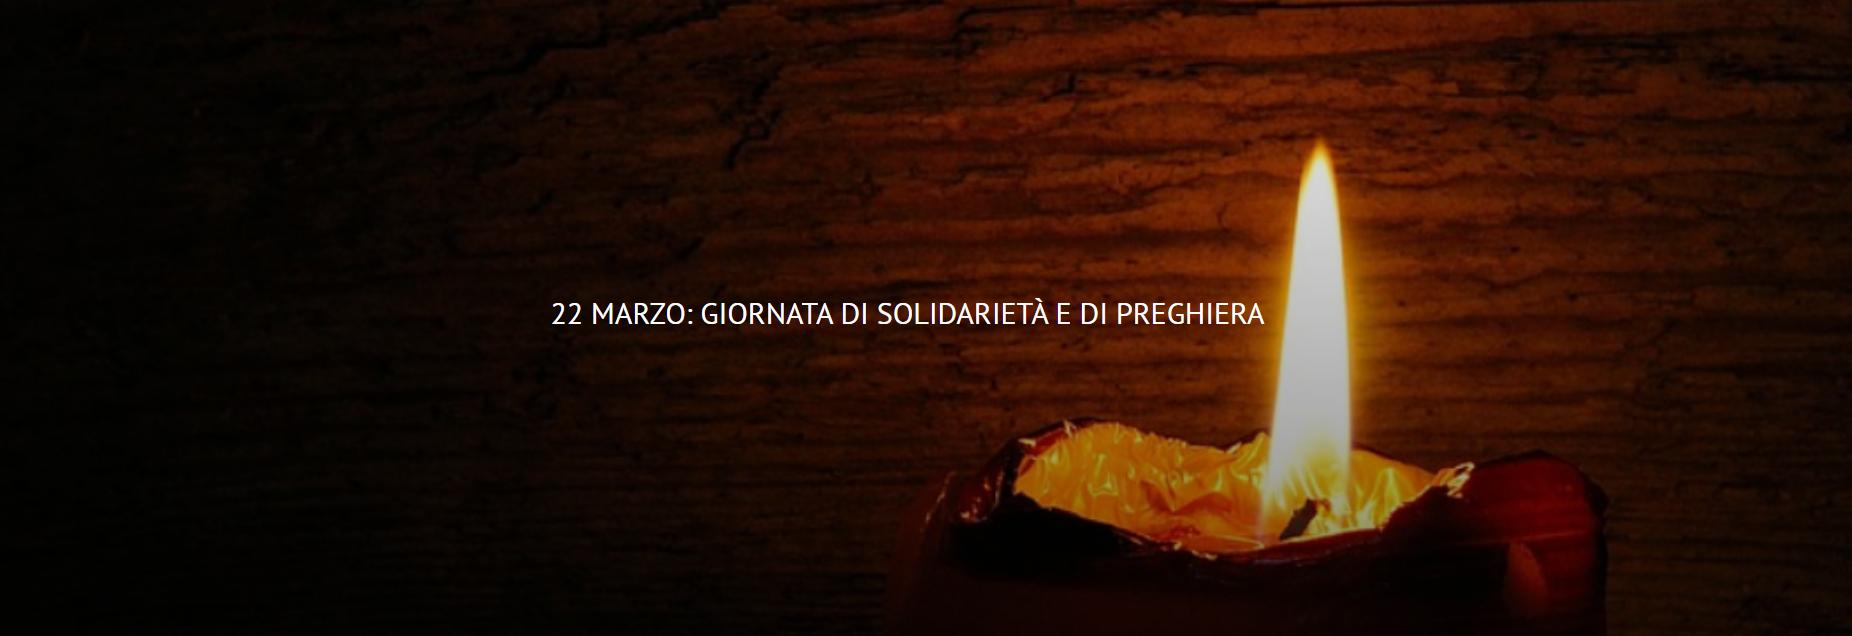 UISG -22 marzo: Giornata di Solidarietà e di Preghiera